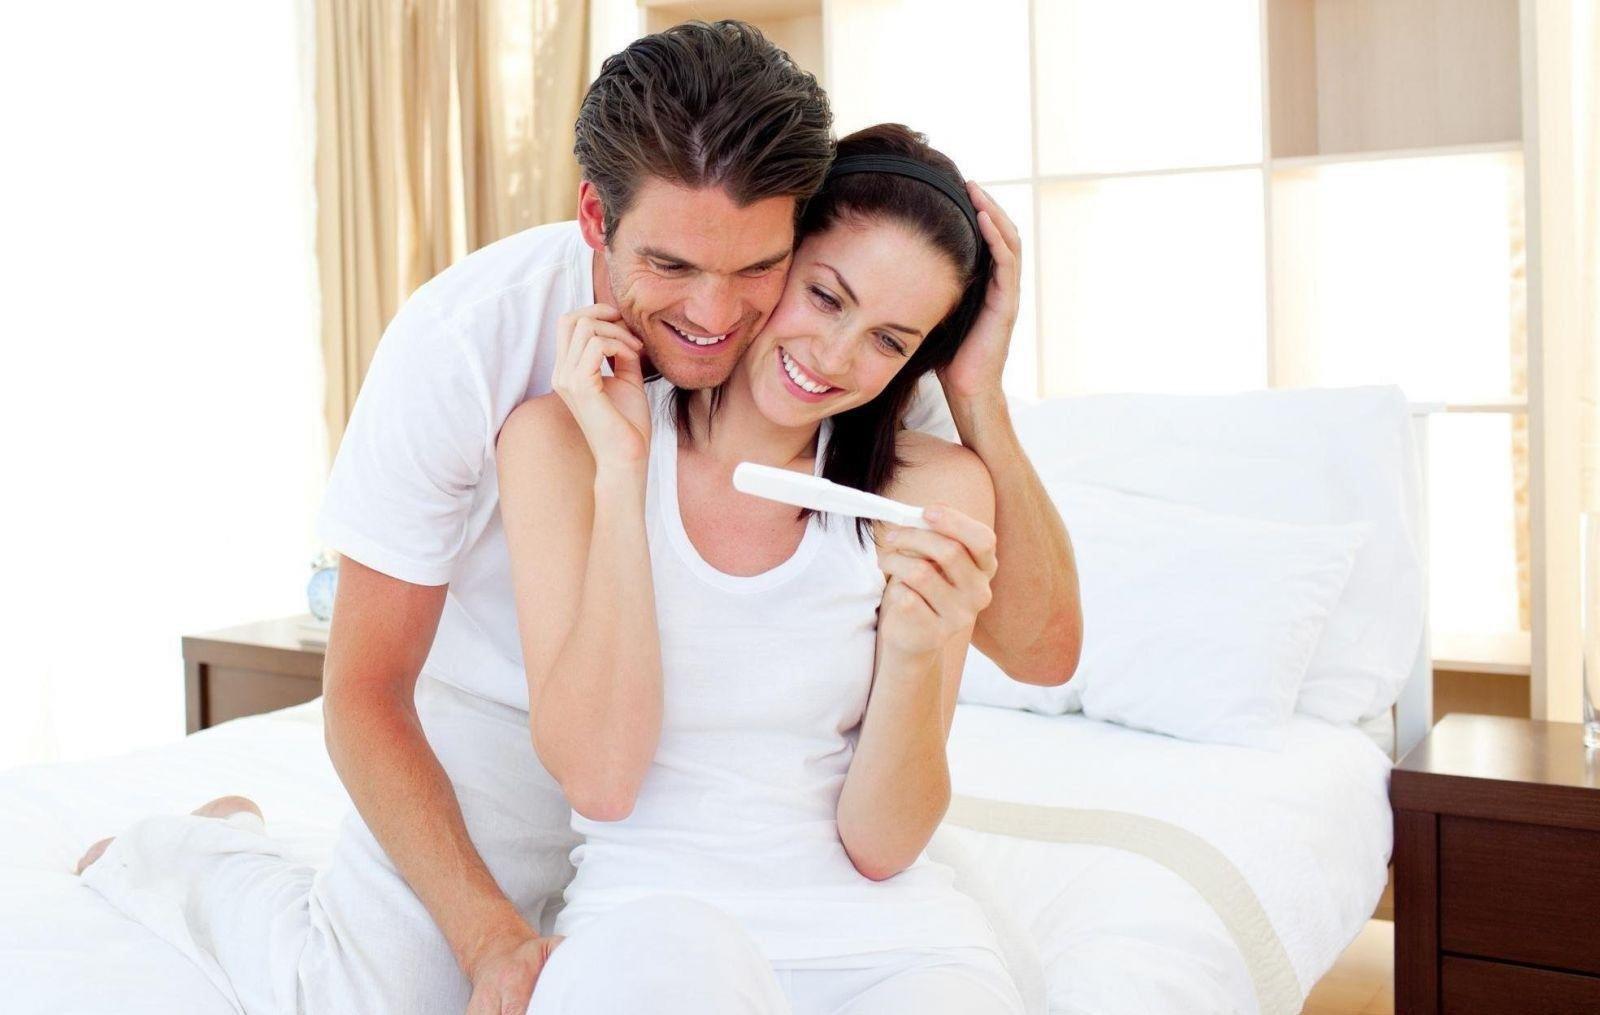 Плод на 25 неделя беременности